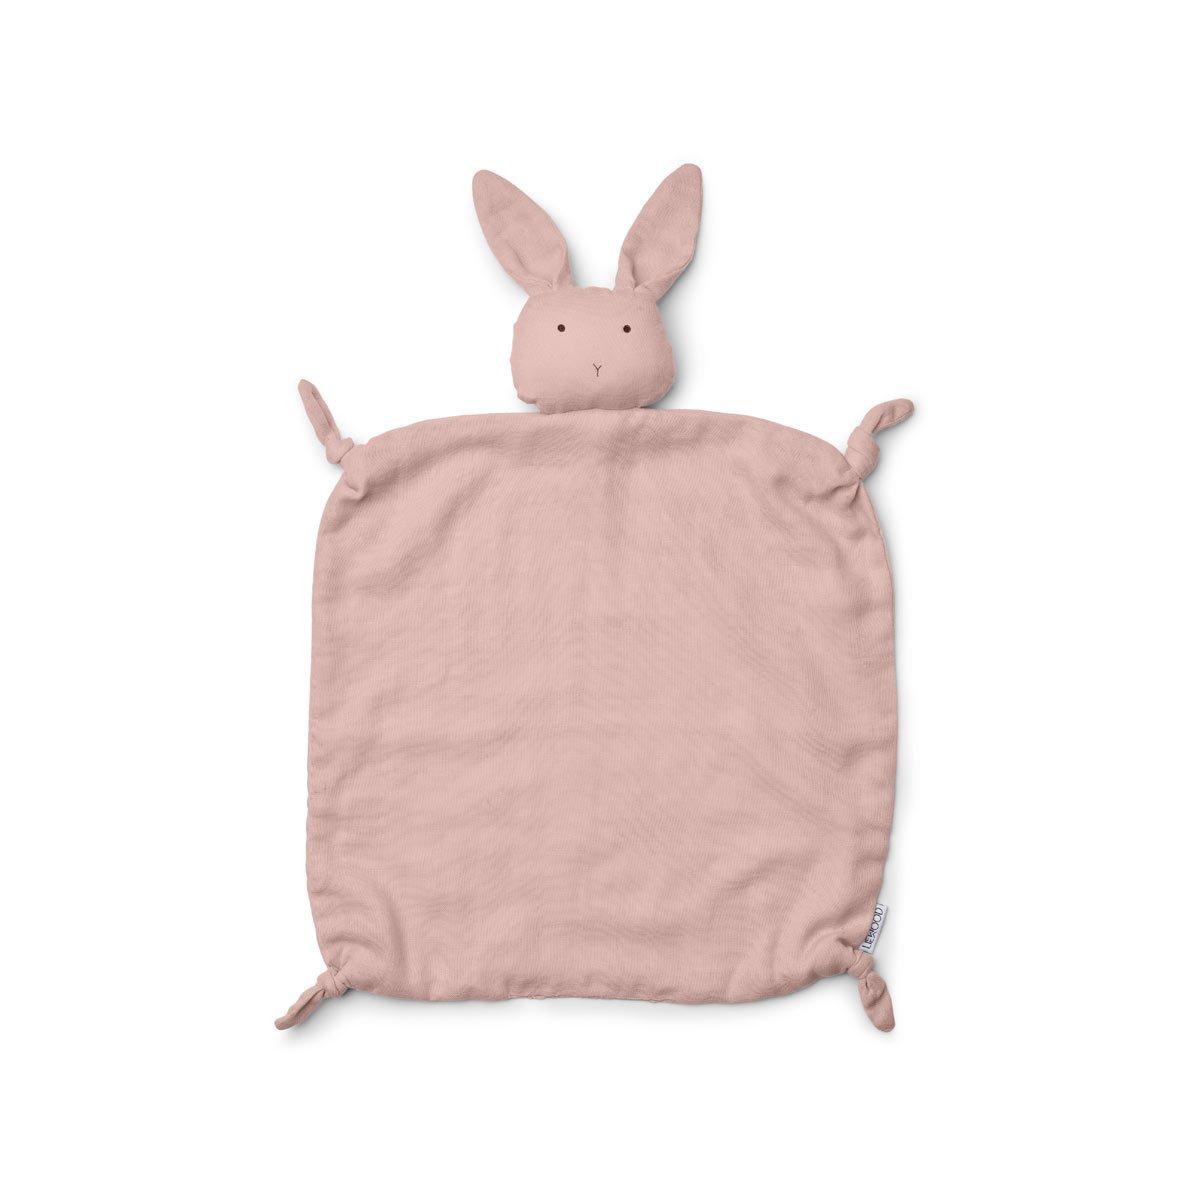 【现货爆款】丹麦 liewood 儿童婴幼100%有机棉拥抱布